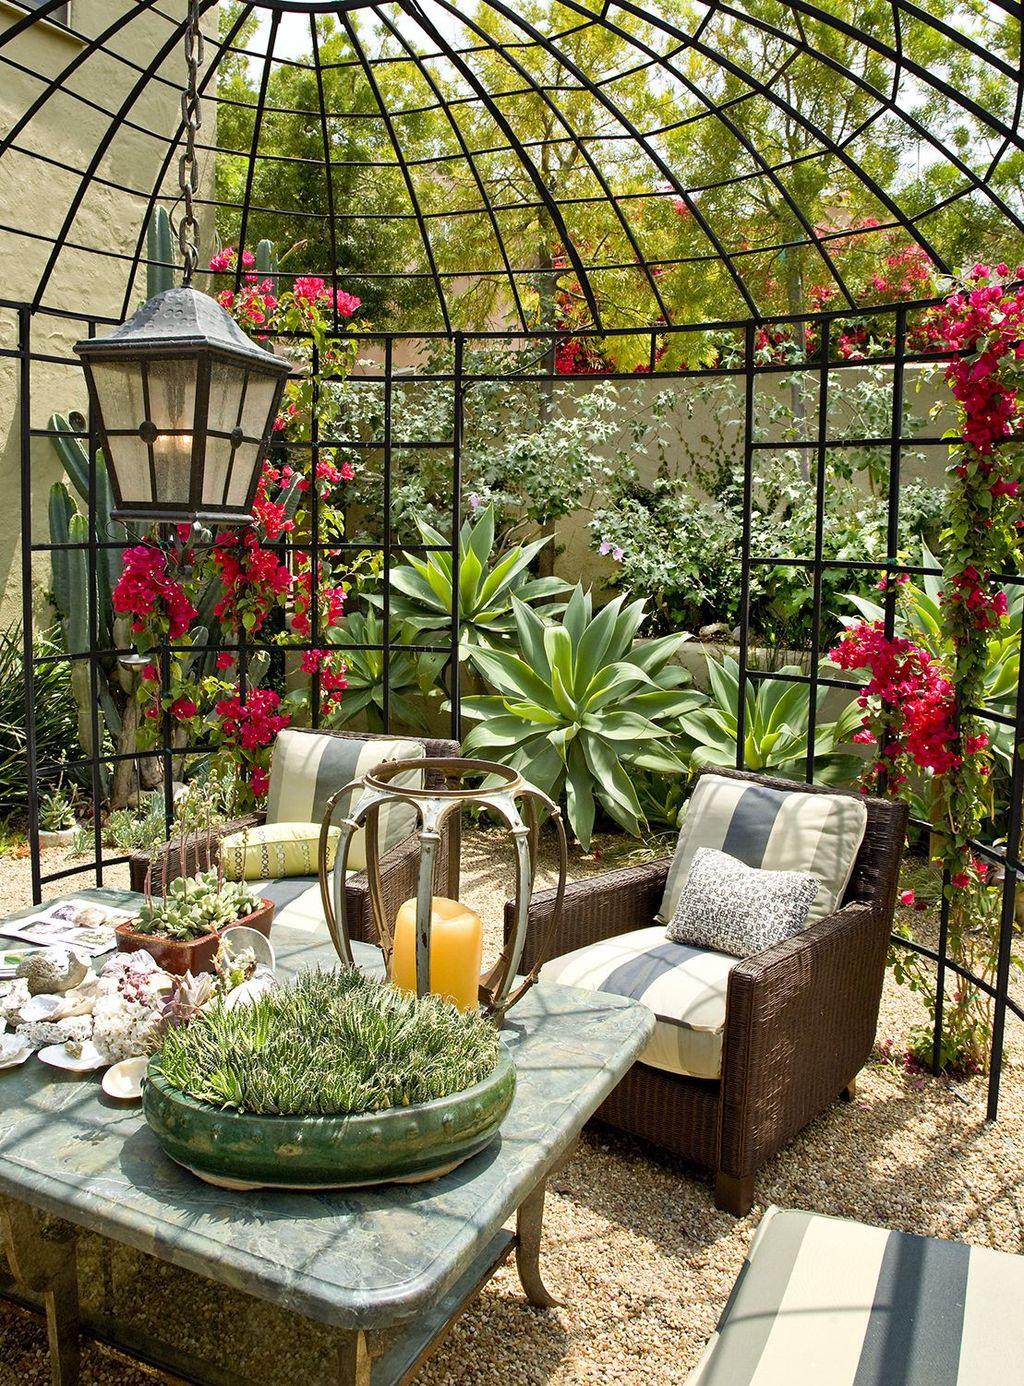 Trending Patio Garden Design Ideas Best For Summertime 13